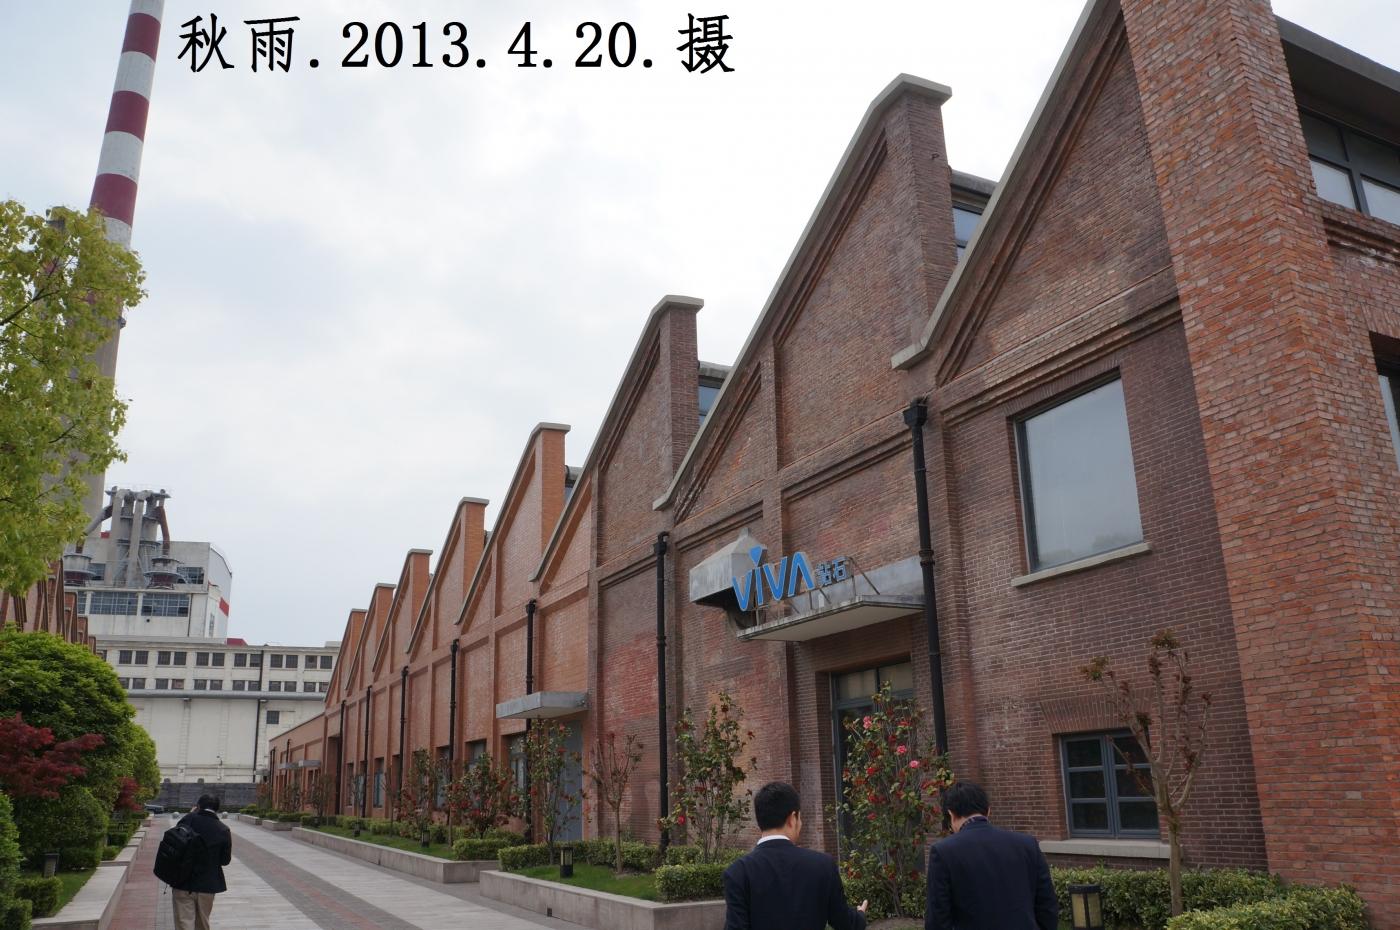 上海国际时尚中心,原国棉十七厂旧址(1),修旧如旧。摄影原创。 ..._图1-14